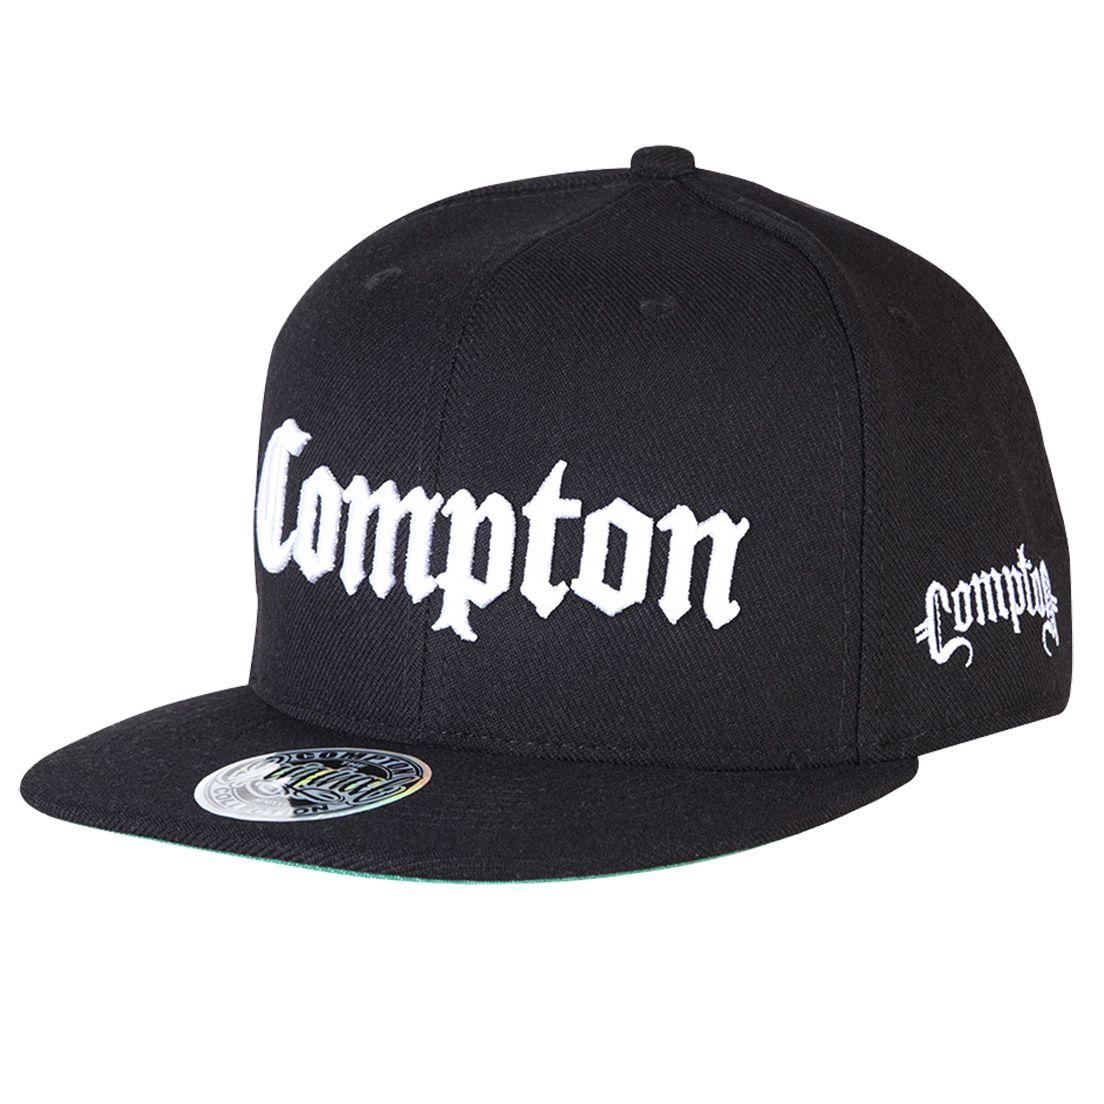 Boné Aba Reta Snapback Tradicional Preto Compton